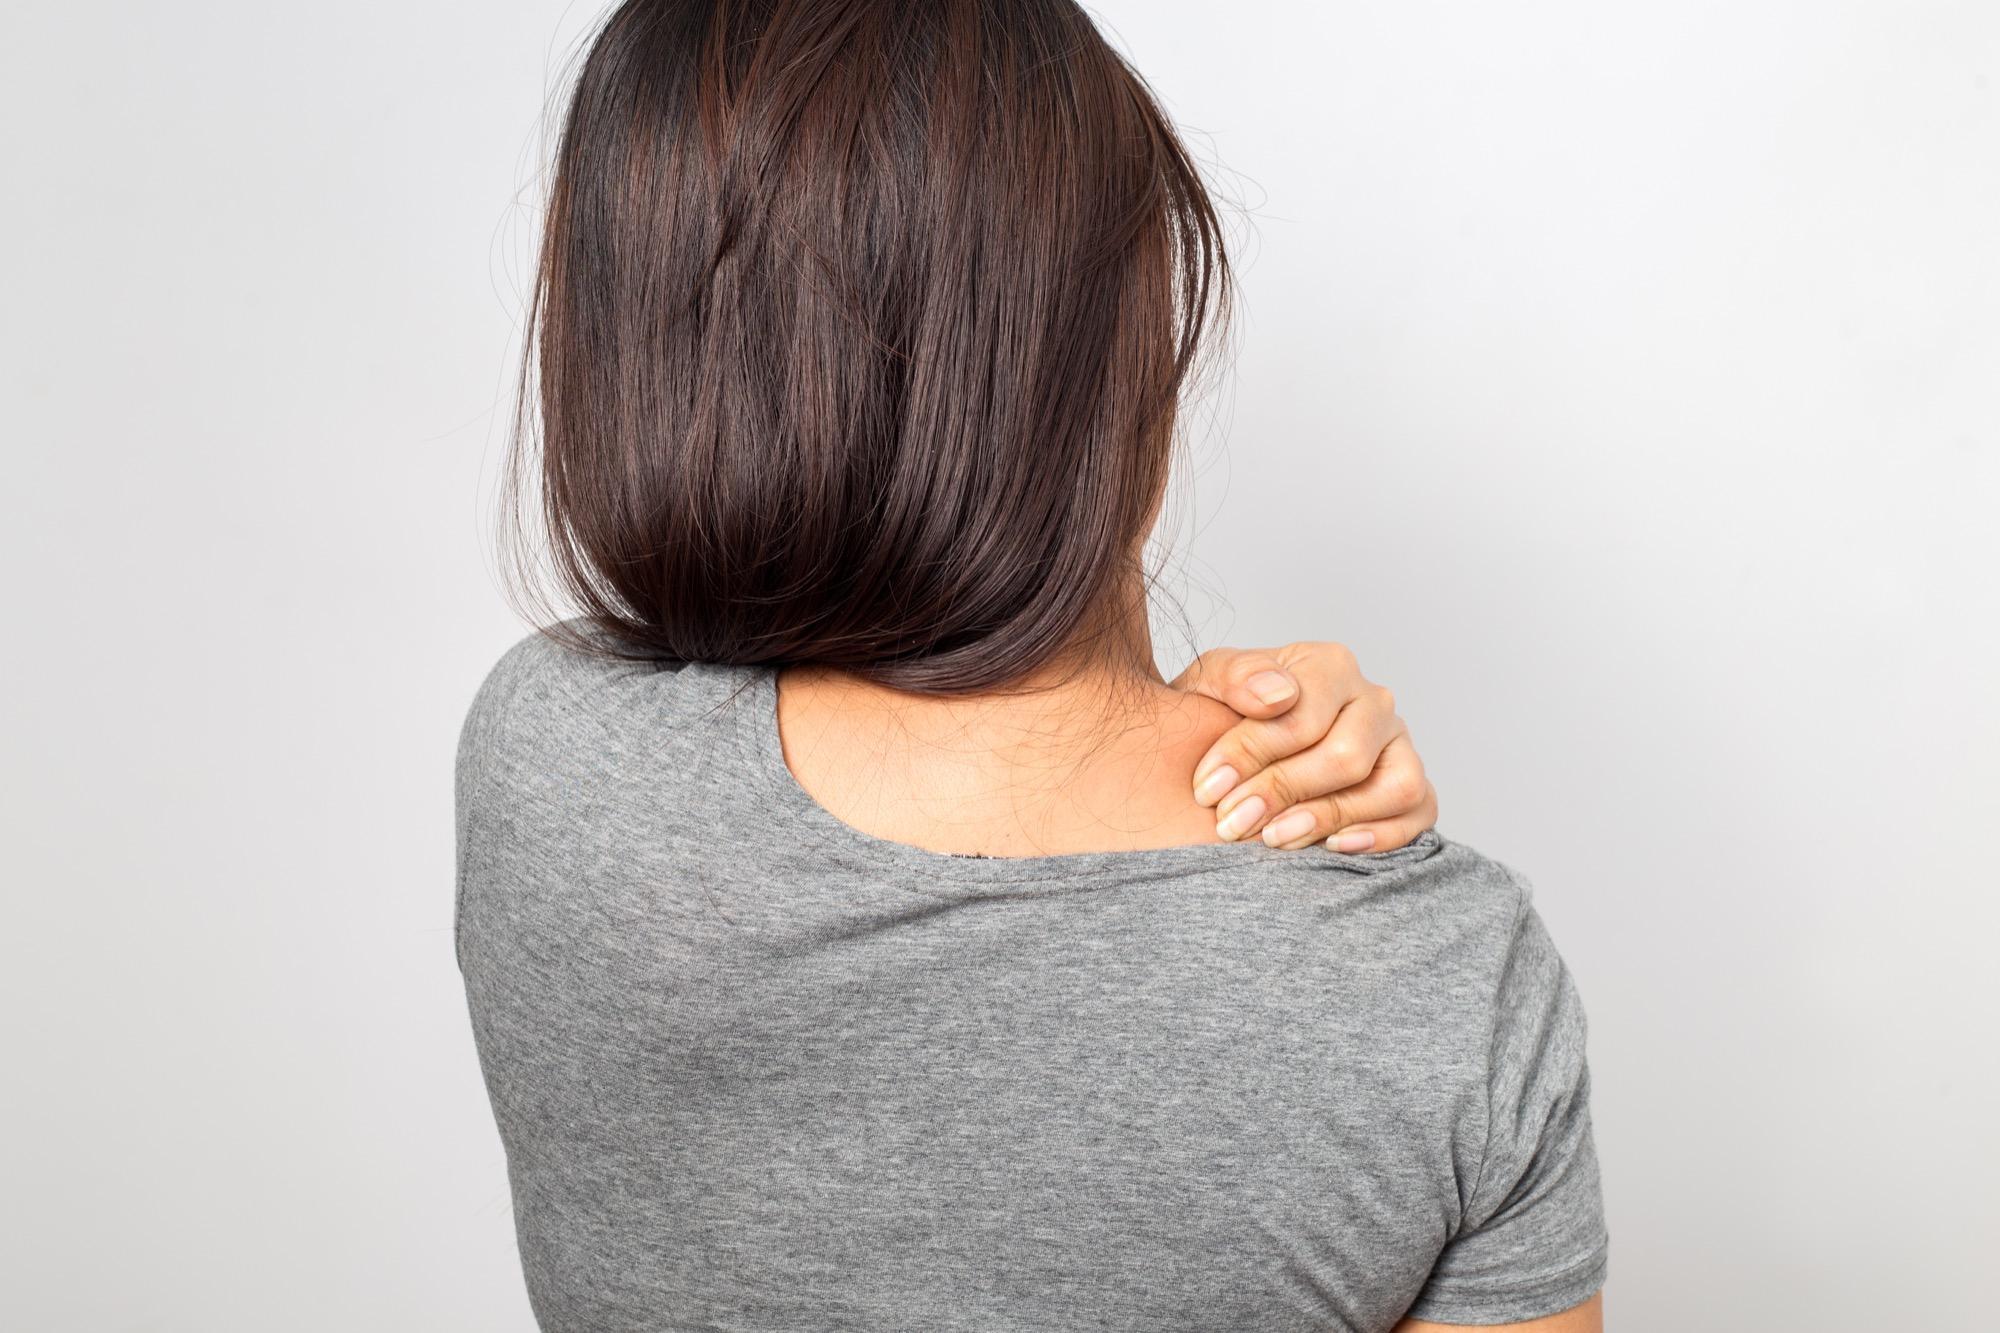 Schmerzen im Schulterbereich